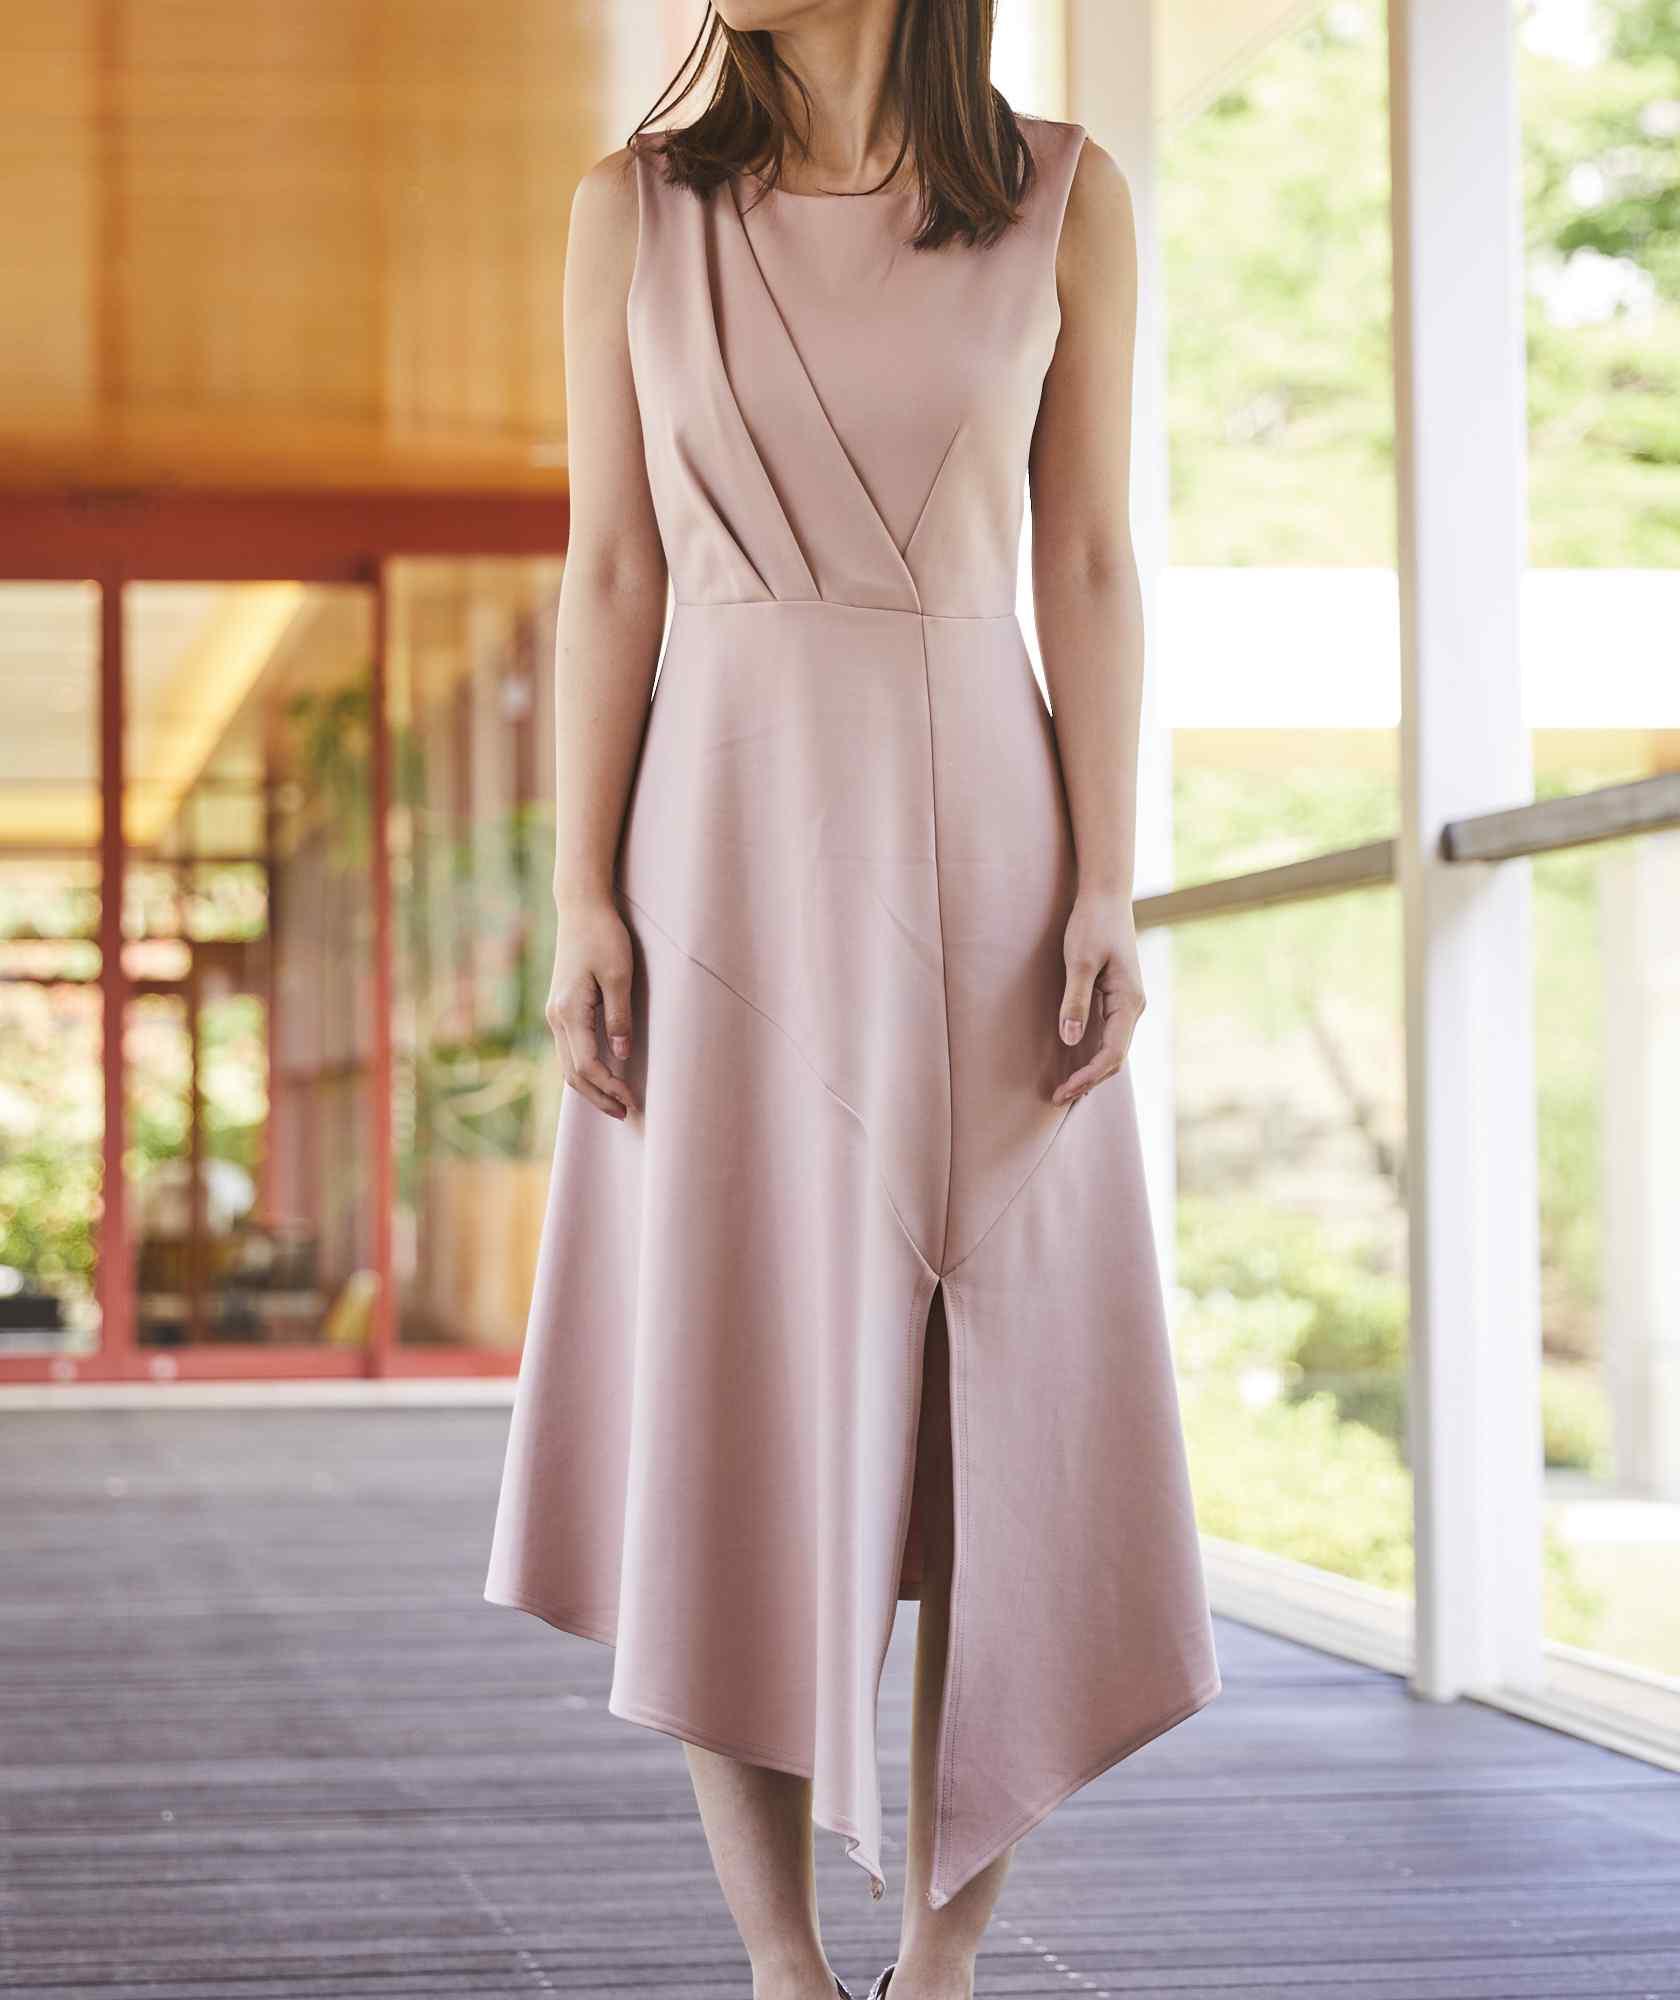 クルースリーブレスジャージーアシンメトリーミディアムドレス-ピンク-M-L